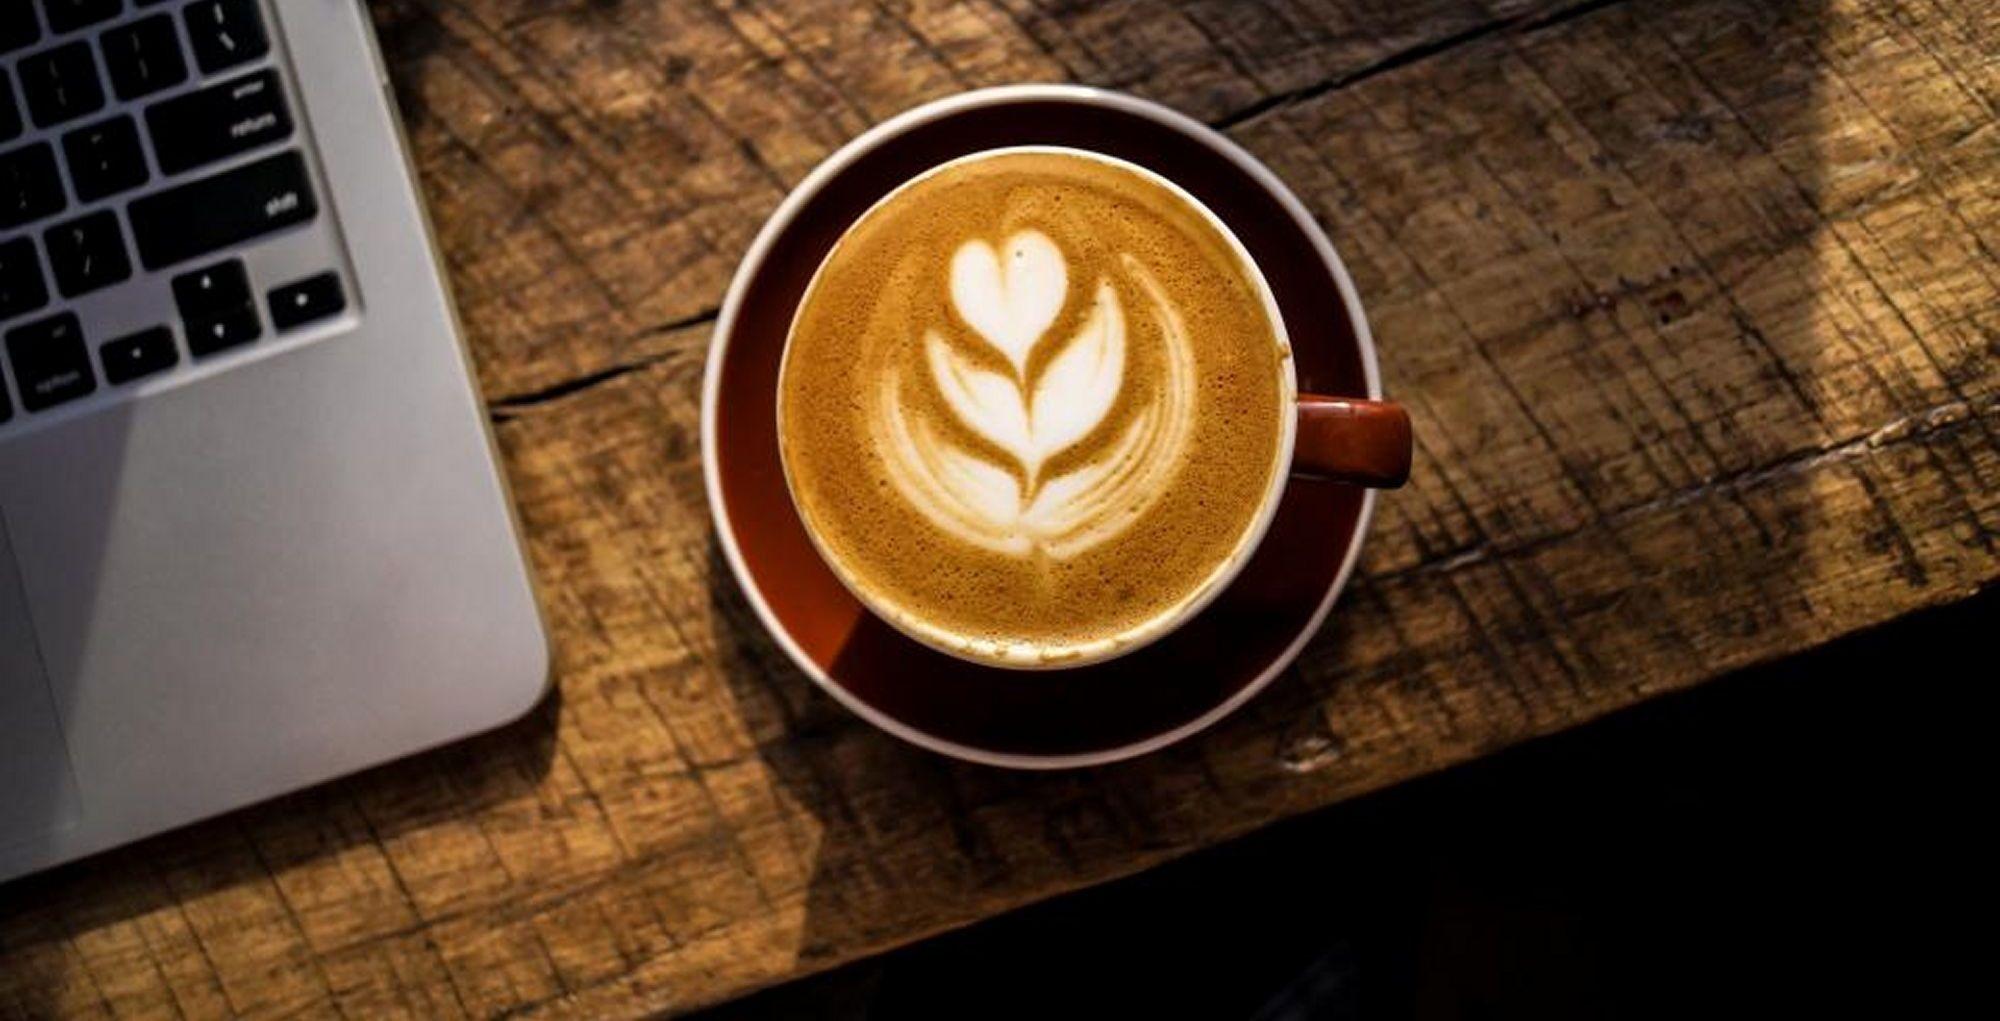 Koffie met computer kleiner bureau manon leeflang